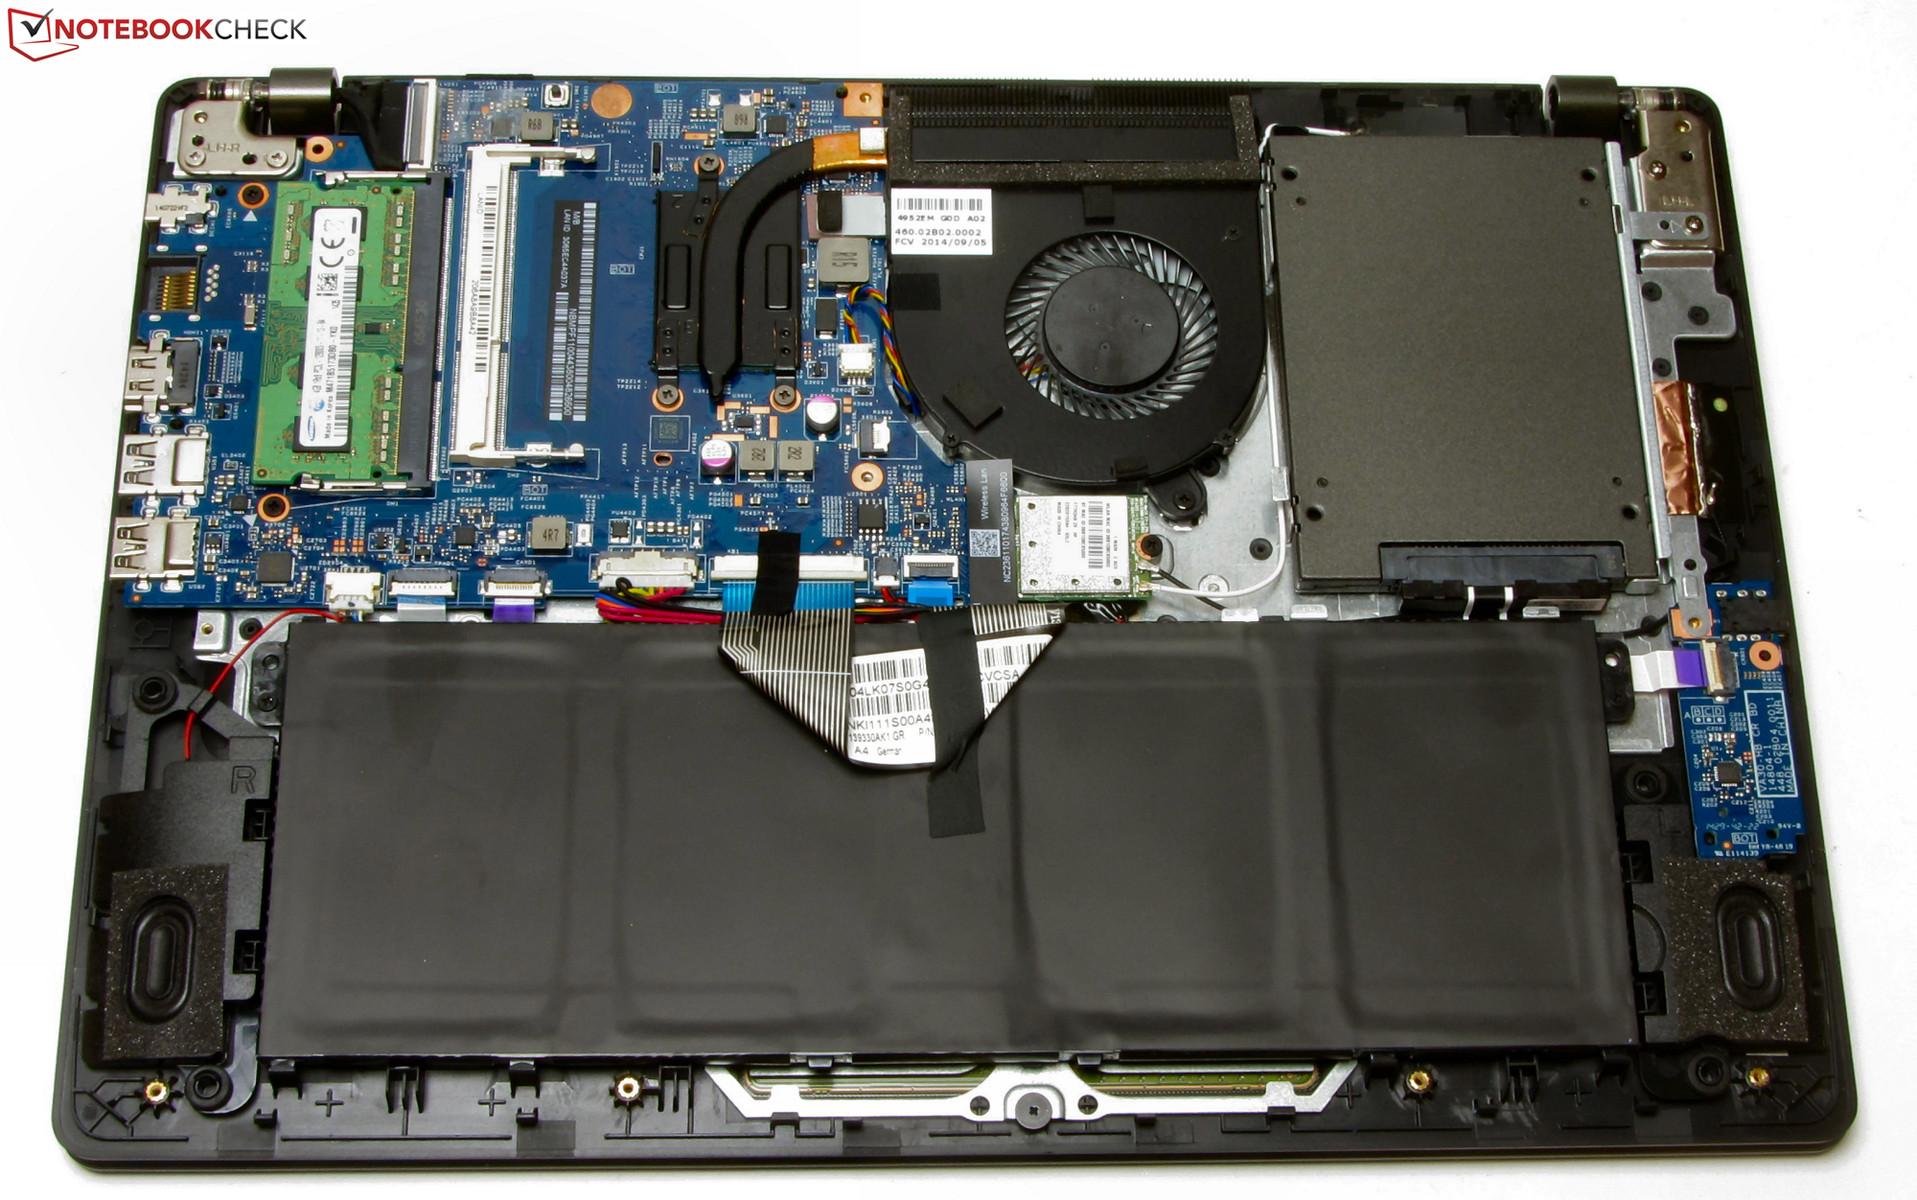 Download Driver: Acer Aspire V3-371 Atheros Bluetooth